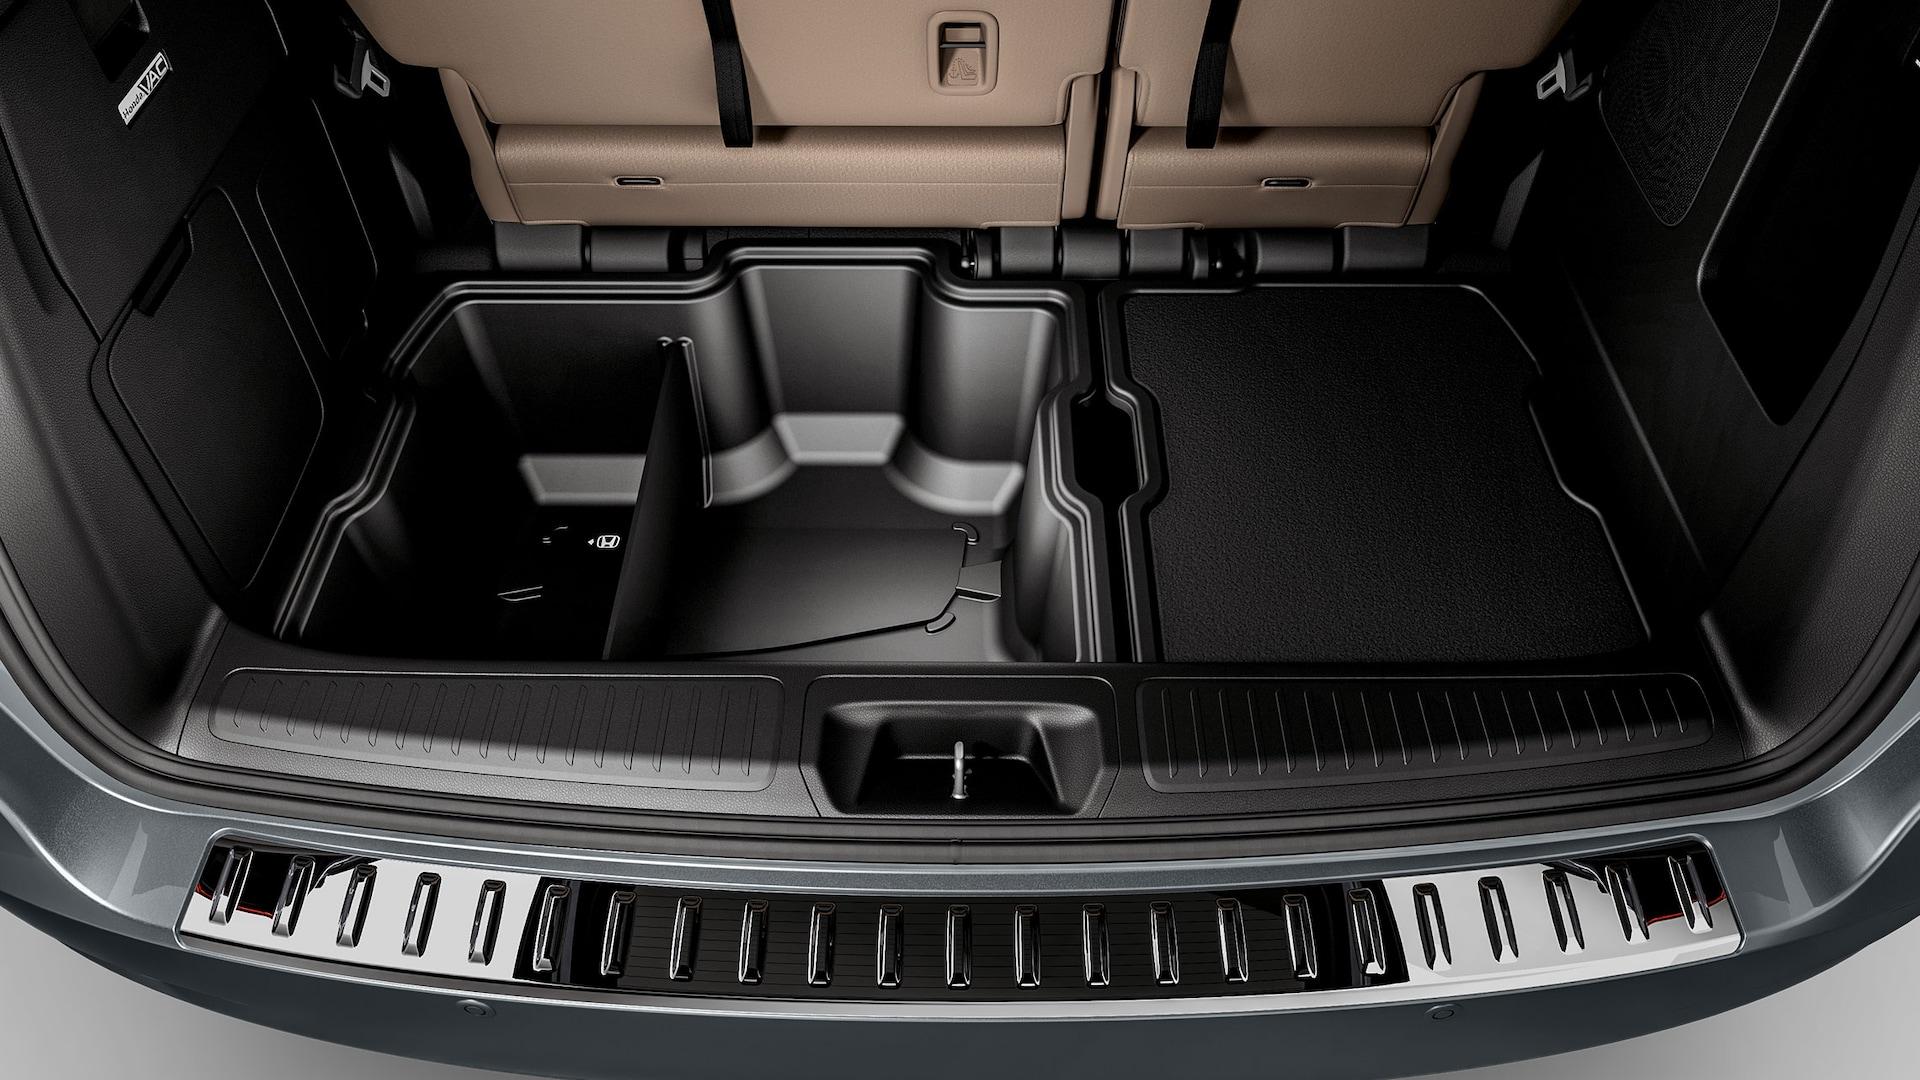 Detalle del accesorio de contenedores de carga de la Honda Odyssey2020.